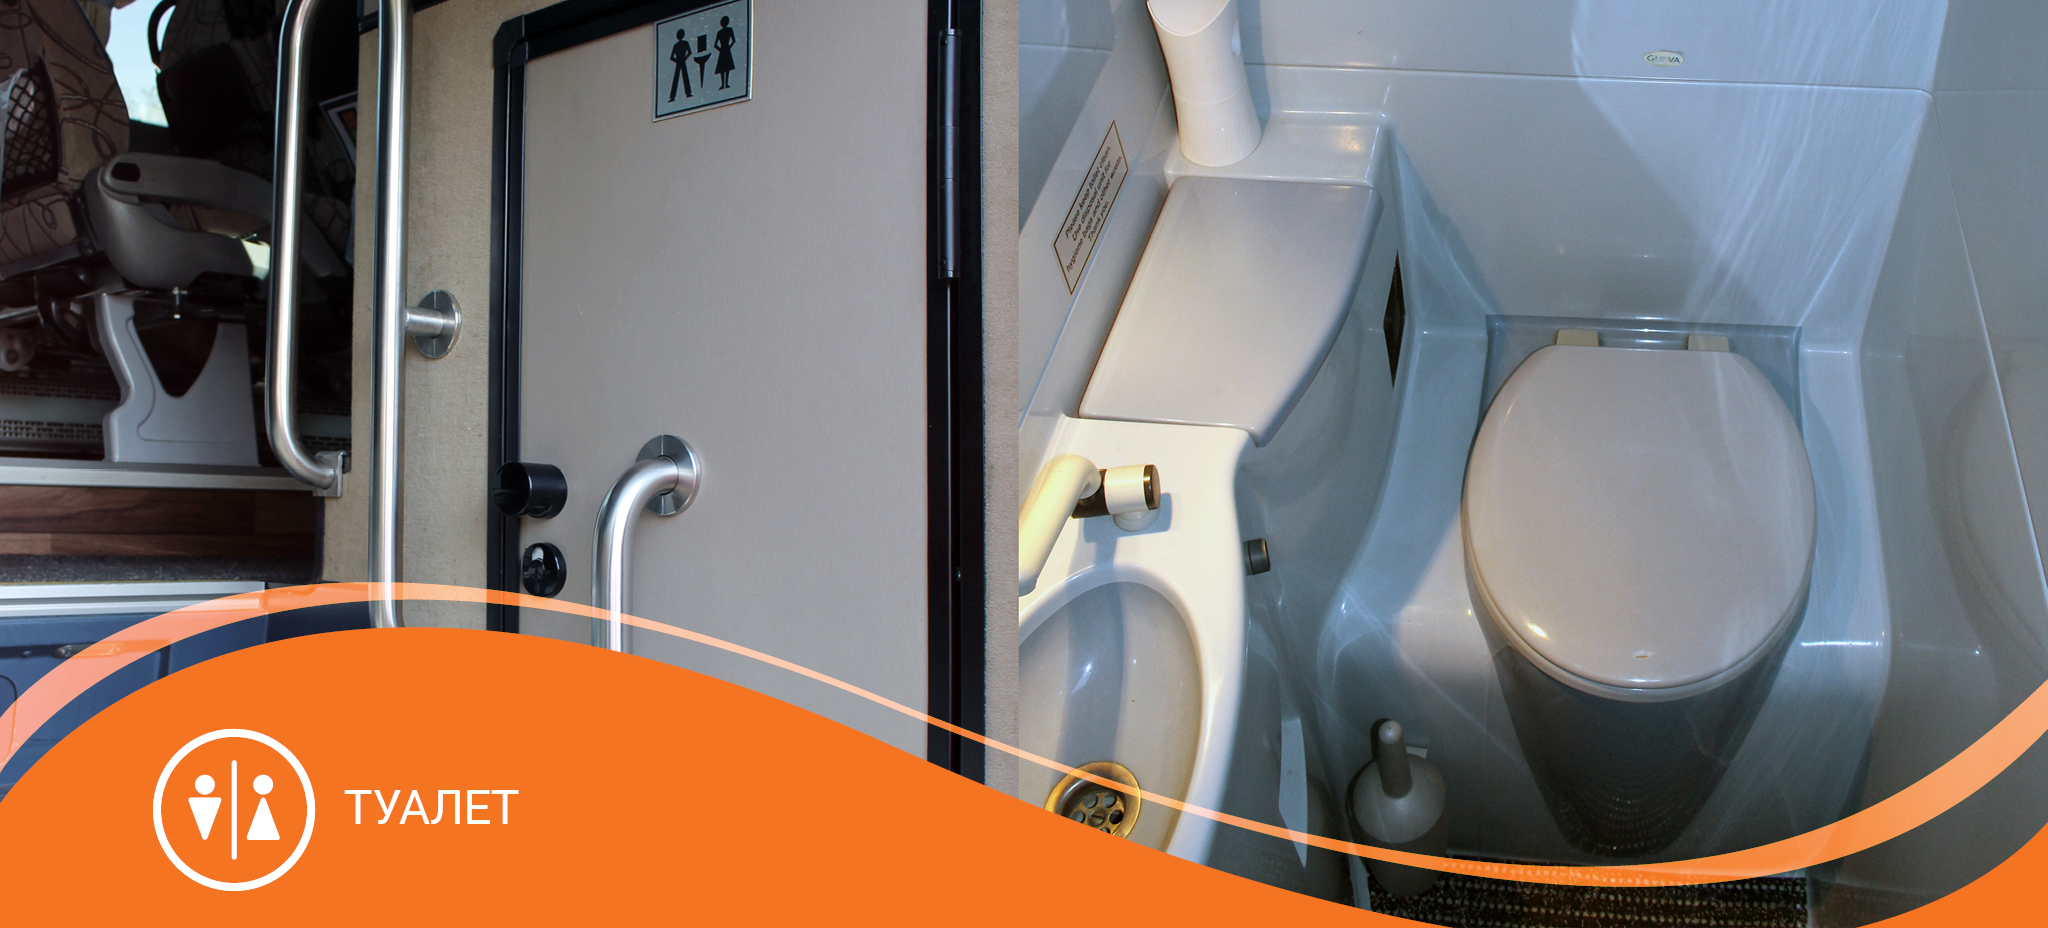 Туалет в автобусах TransTempo